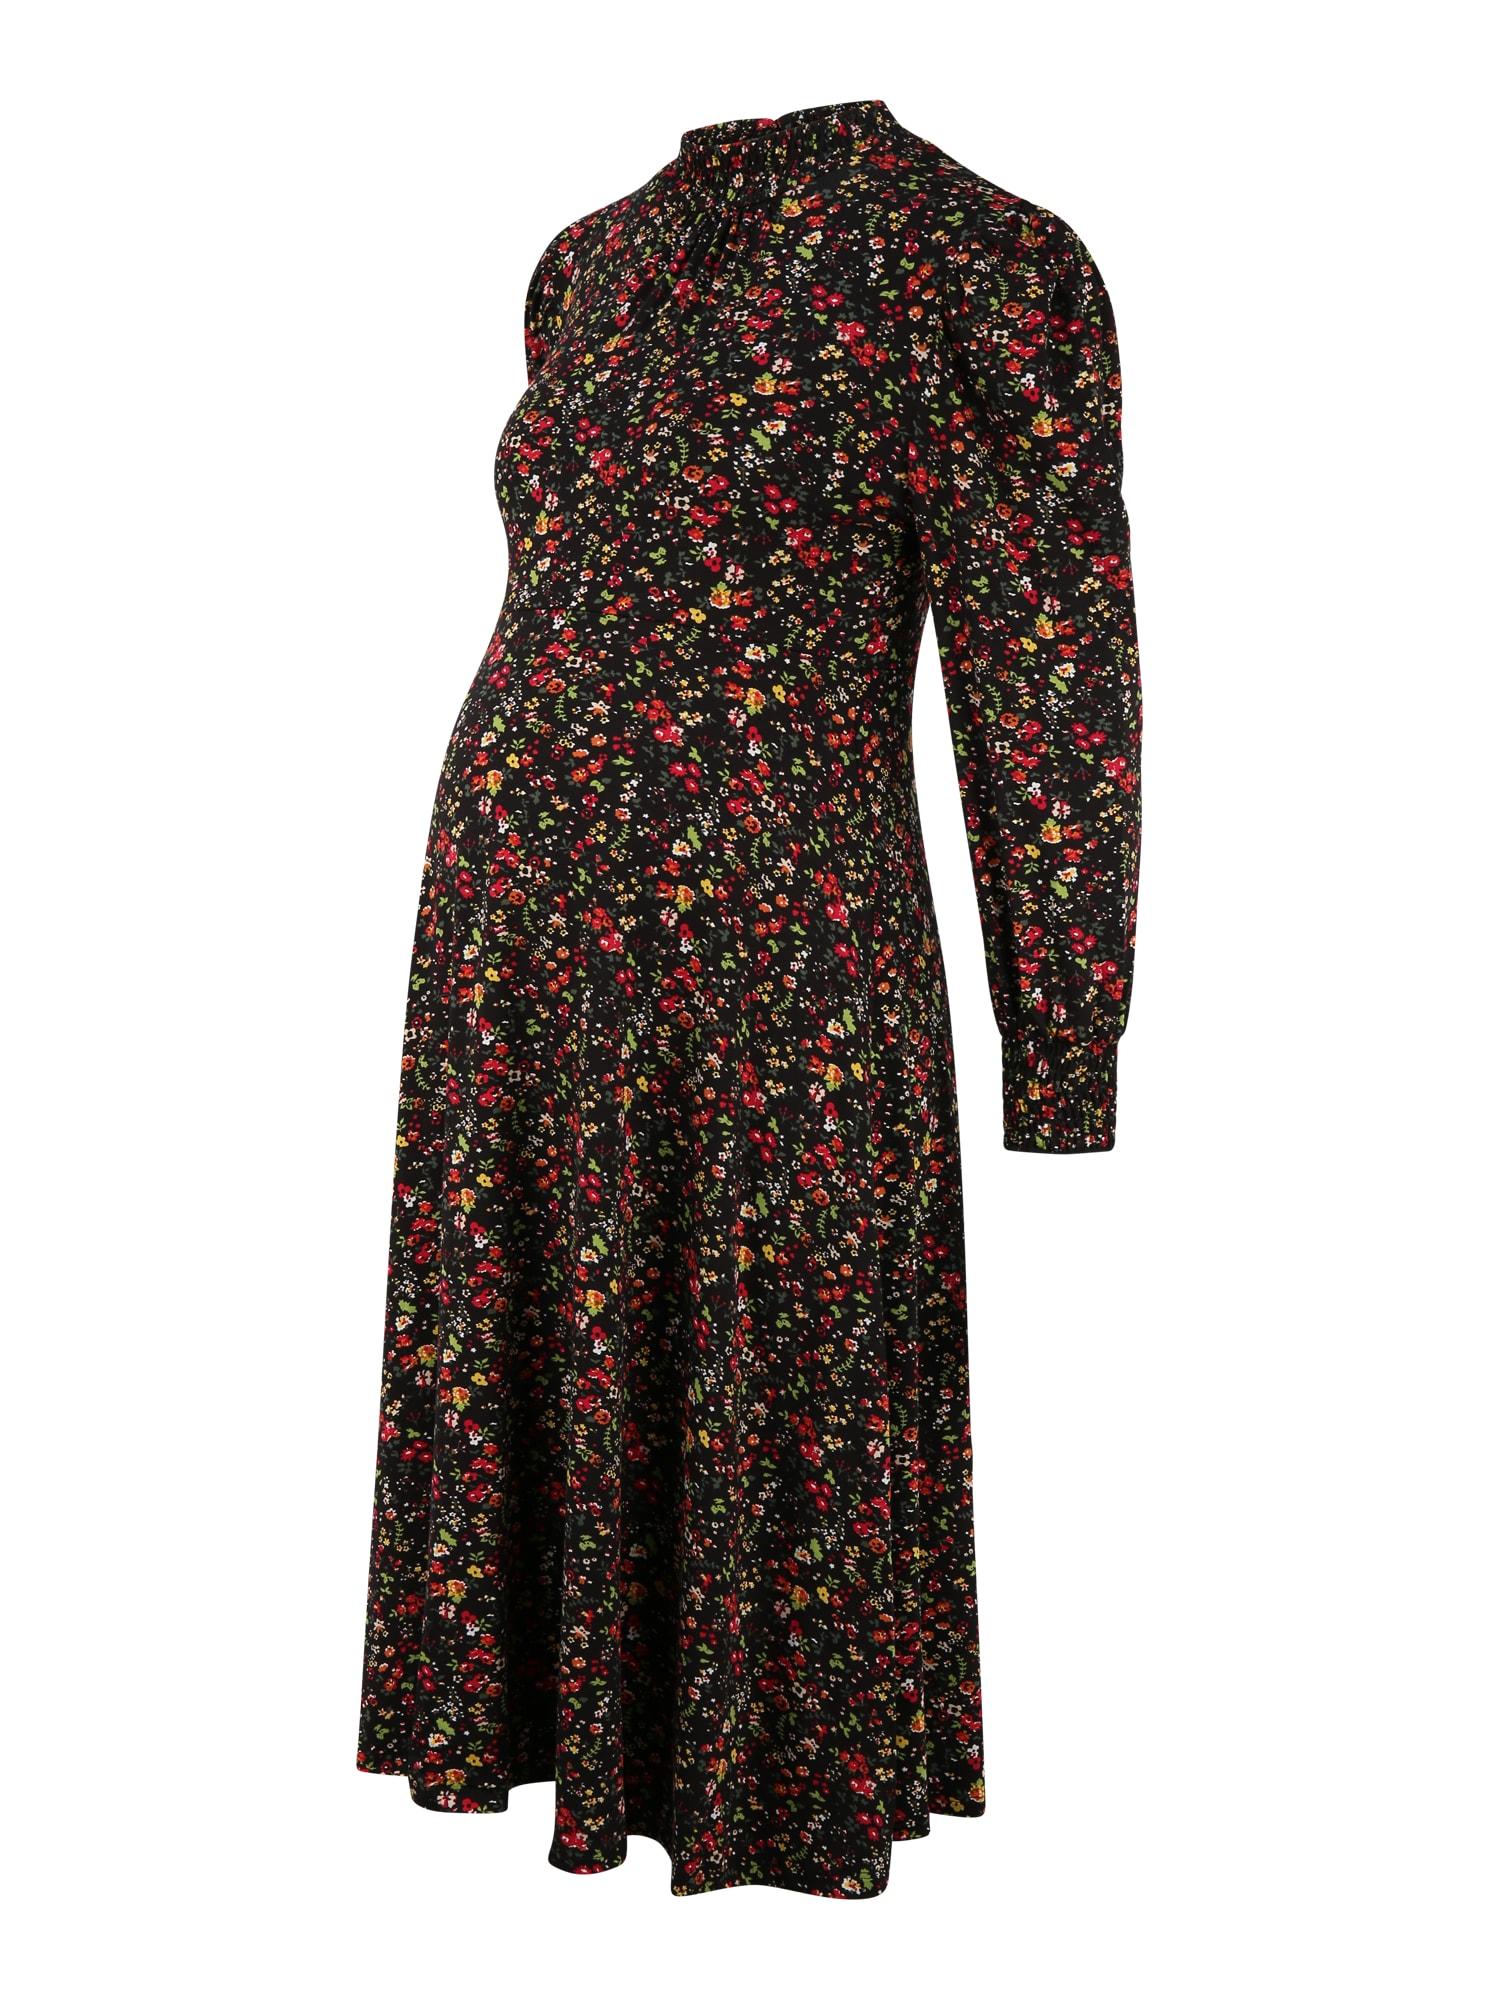 Dorothy Perkins Maternity Suknelė juoda / mišrios spalvos